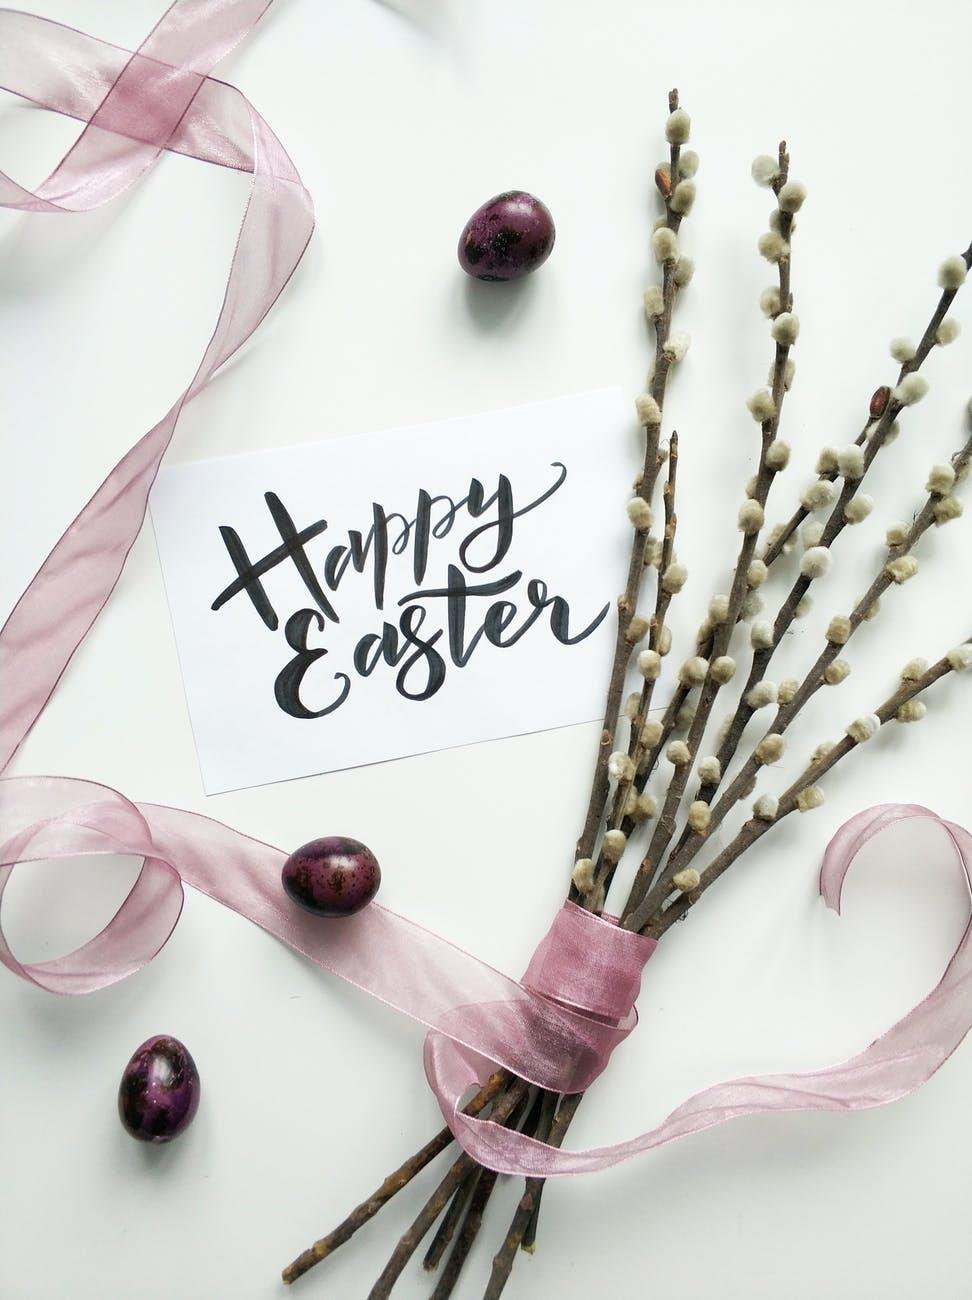 Selamat Paskah selamat merayakan kemenangan atas kematian.